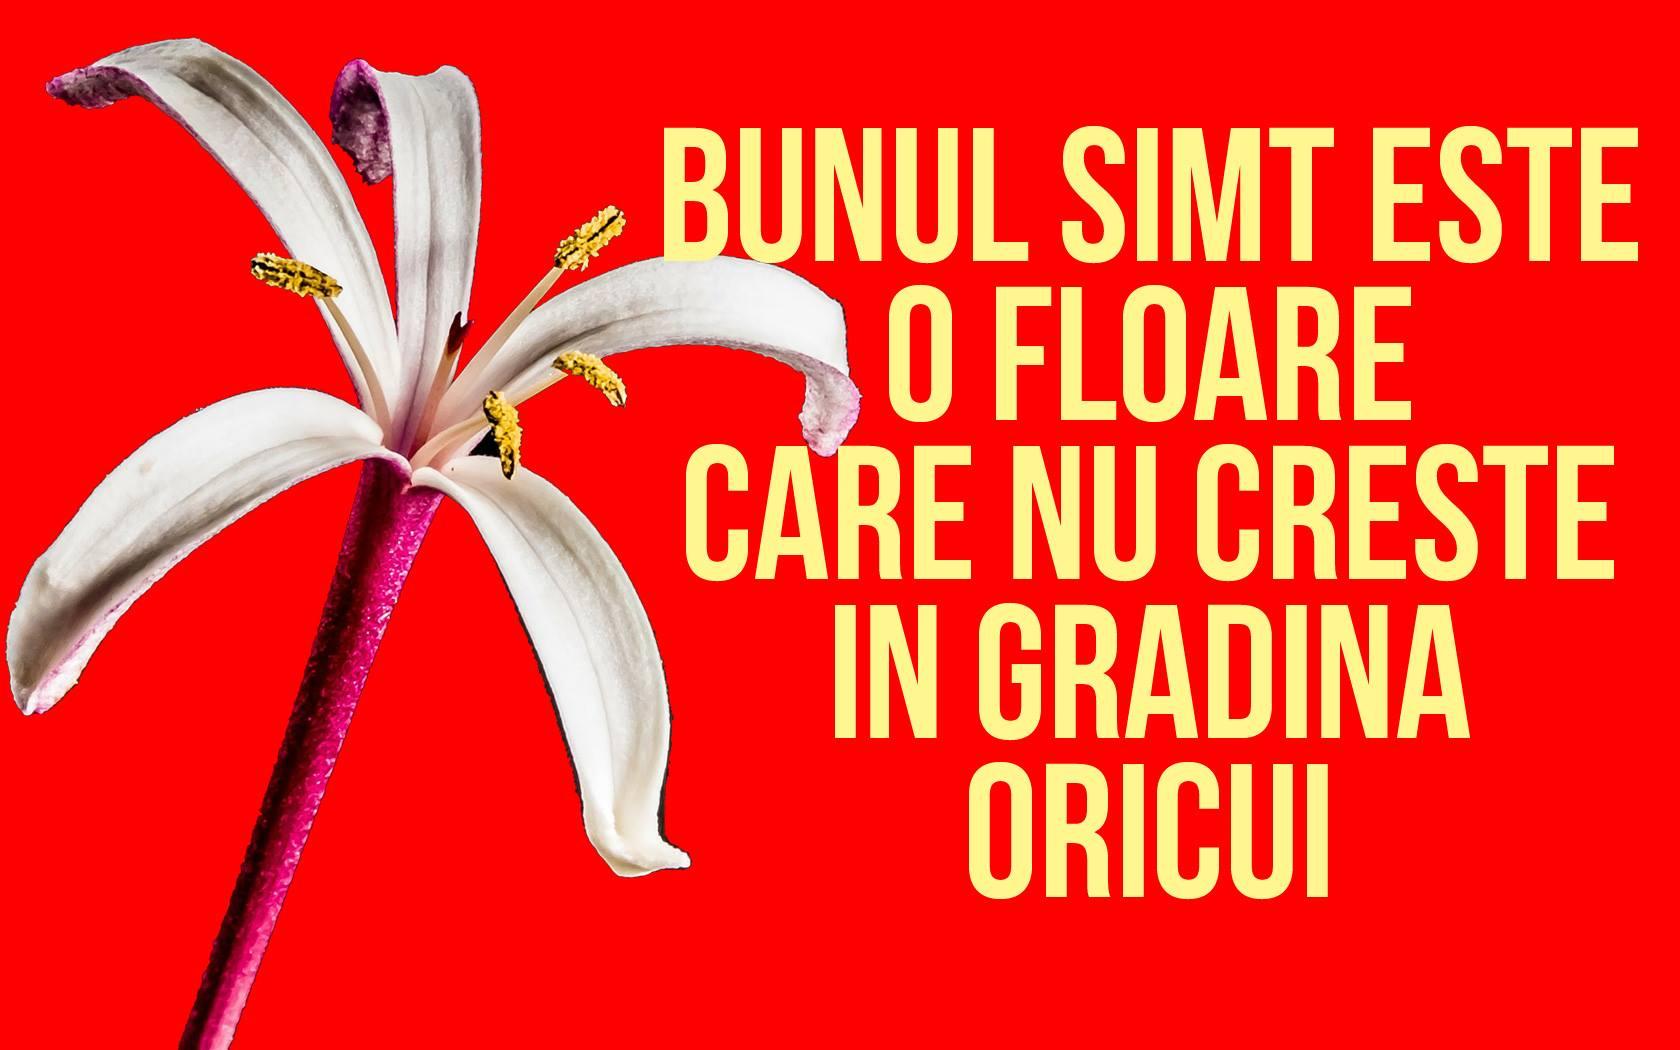 Mesaje frumoase despre caracter - Bunul simţ este o floare care nu creşte în grădina oricui!